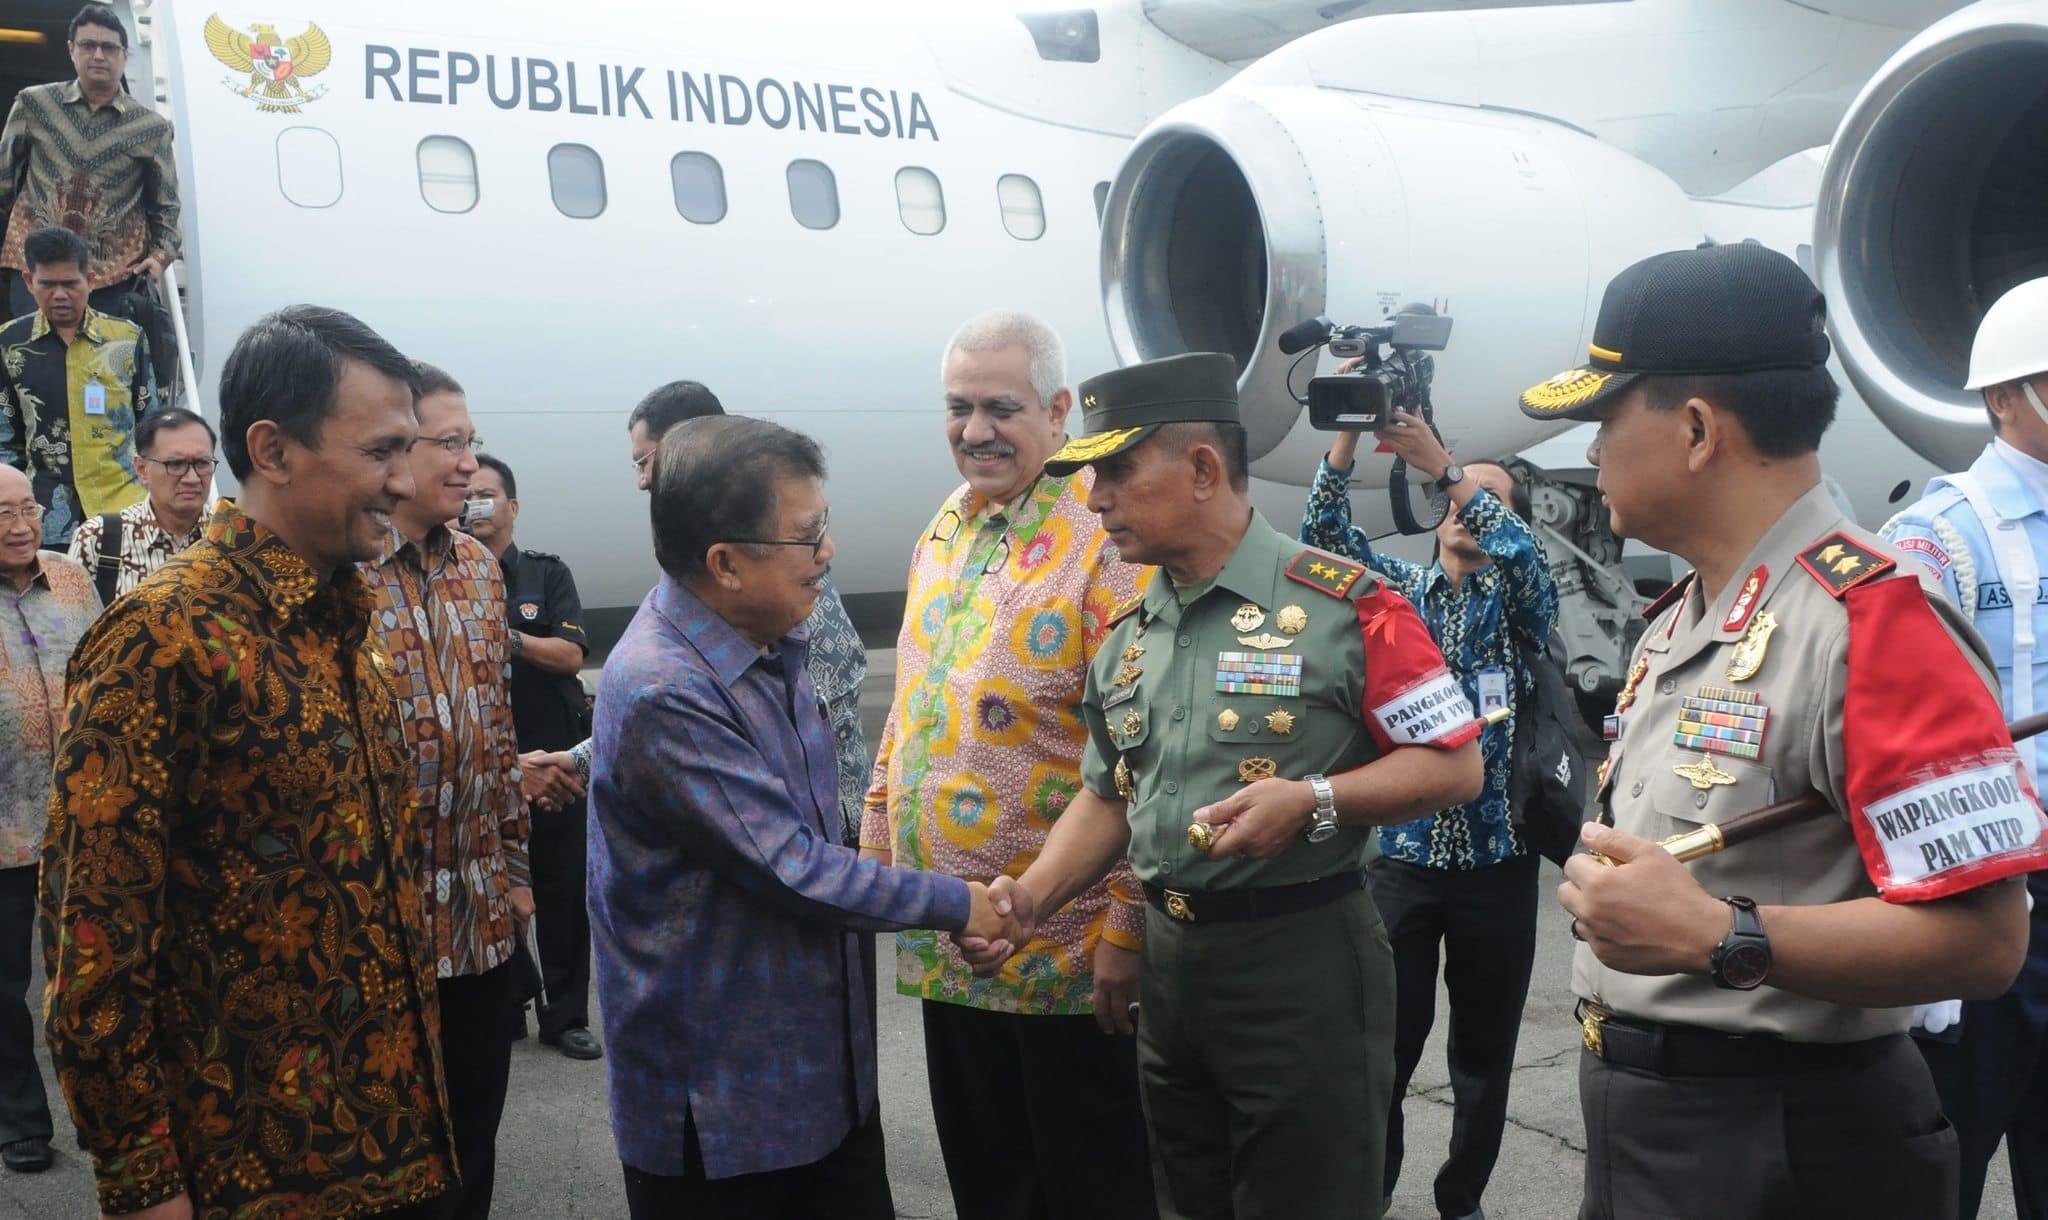 Wakil Presiden Republik Indonesia Buka Sidang Raya Persekutuan Gereja- Gereja Indonesia (PGI) XVI Tahun 2014 di Nias